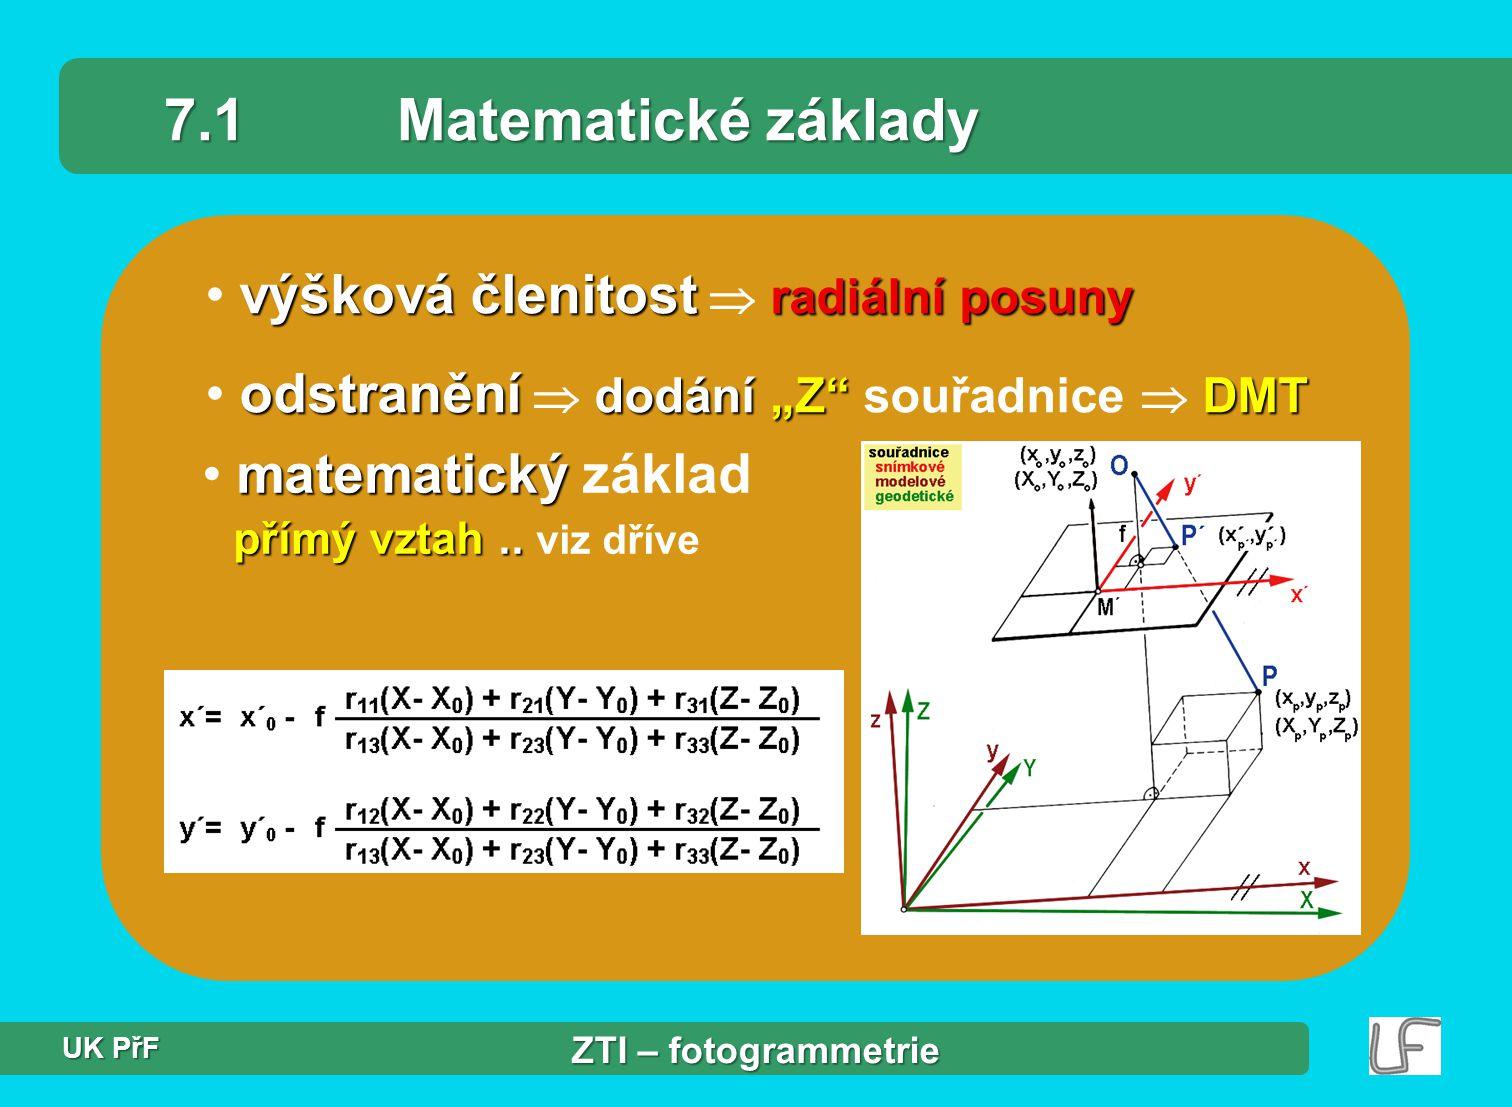 výpočet digitálního ortofota transformace obrazu ze systému snímkových do systému geodetických souřadnic  transformace obrazu ze systému snímkových do systému geodetických souřadnic Matematické základy Základní kroky výpočtu 1.